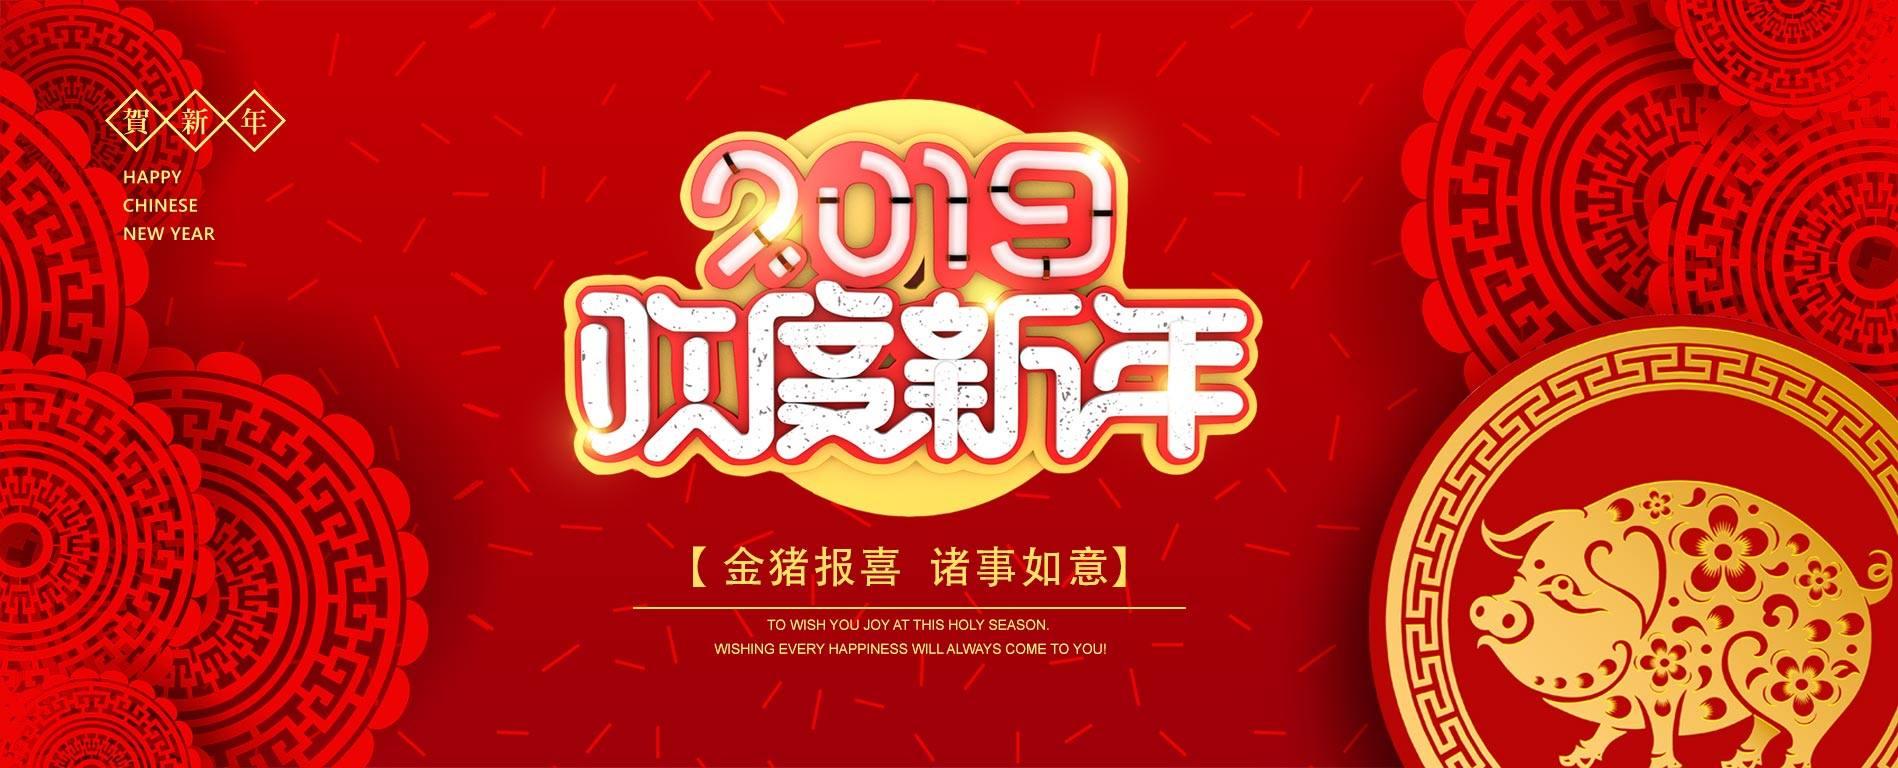 2019欢度新年-深圳别墅装修公司-深圳尚层装饰